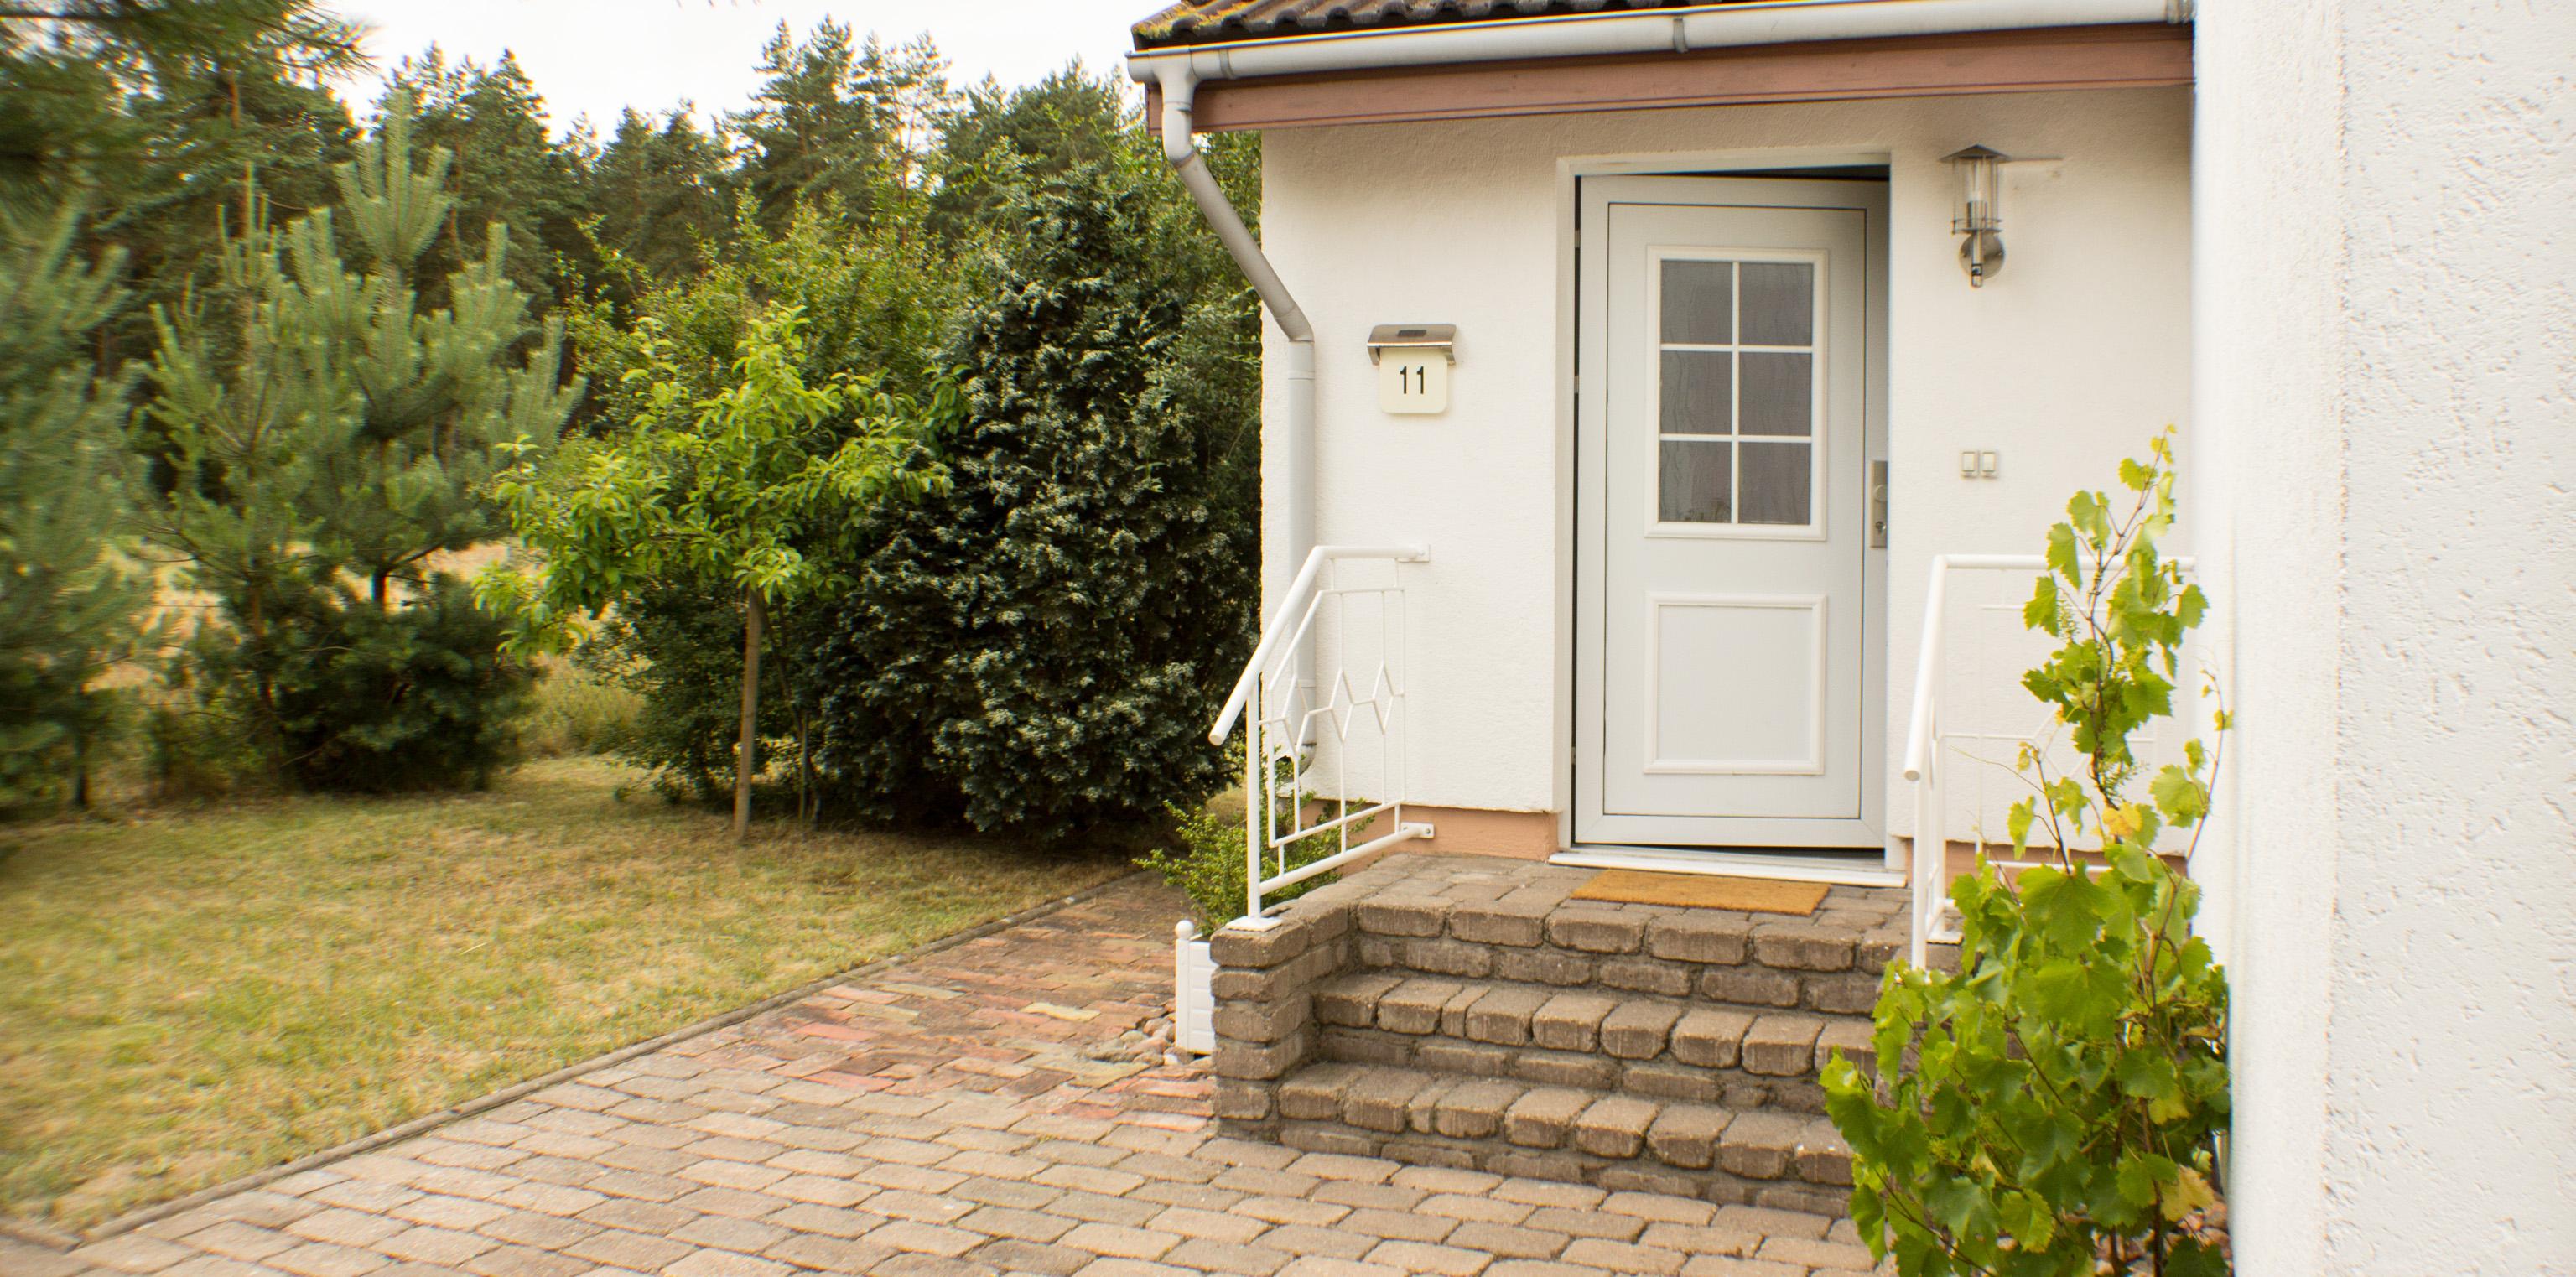 Blick zur Haustür